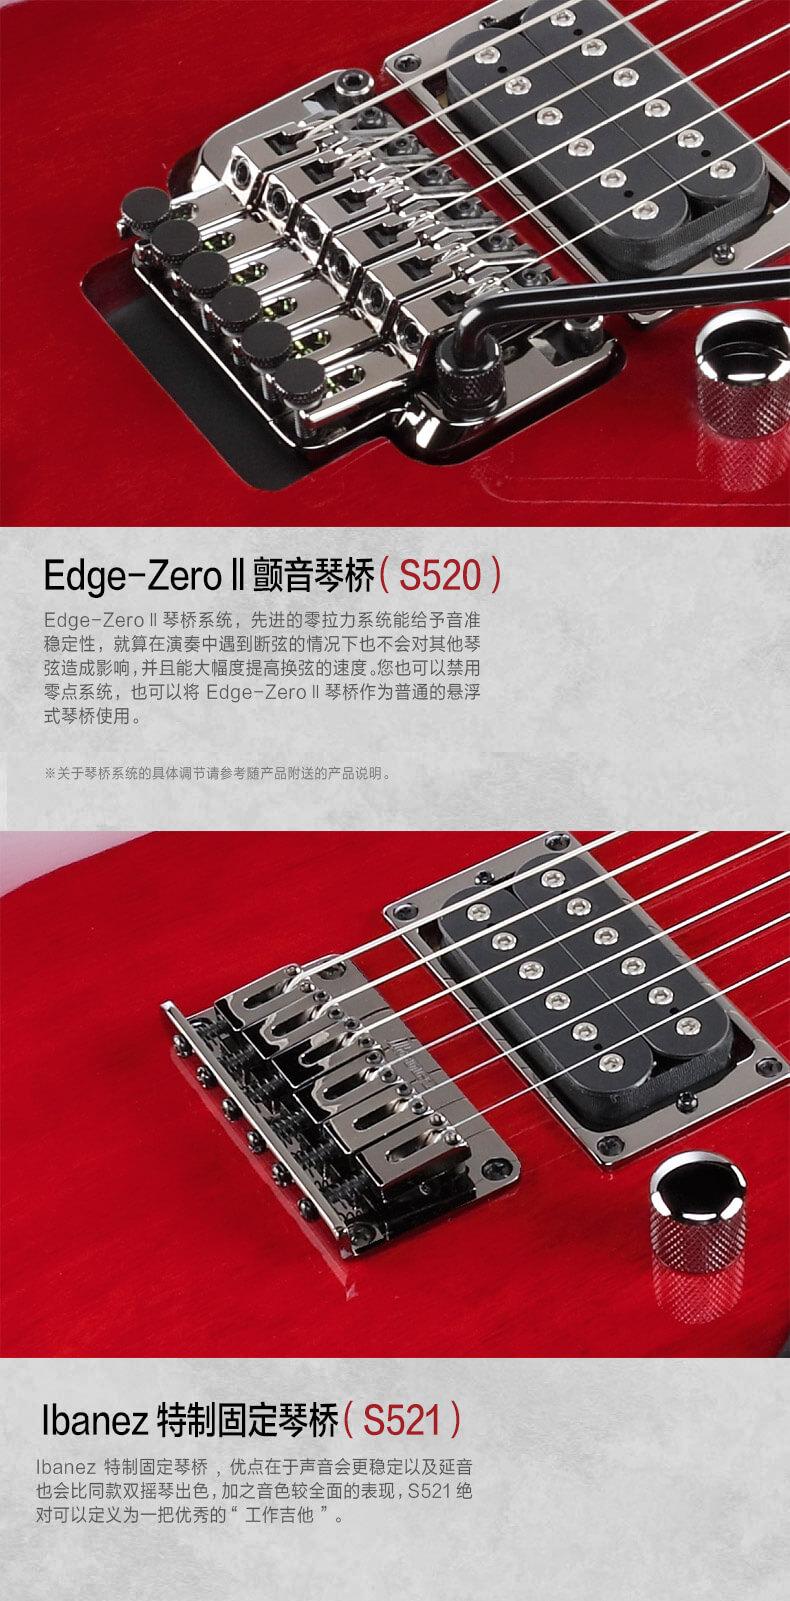 Ibanez官方旗舰店 爱宾斯 依班娜 S520电吉他 固定琴桥 10